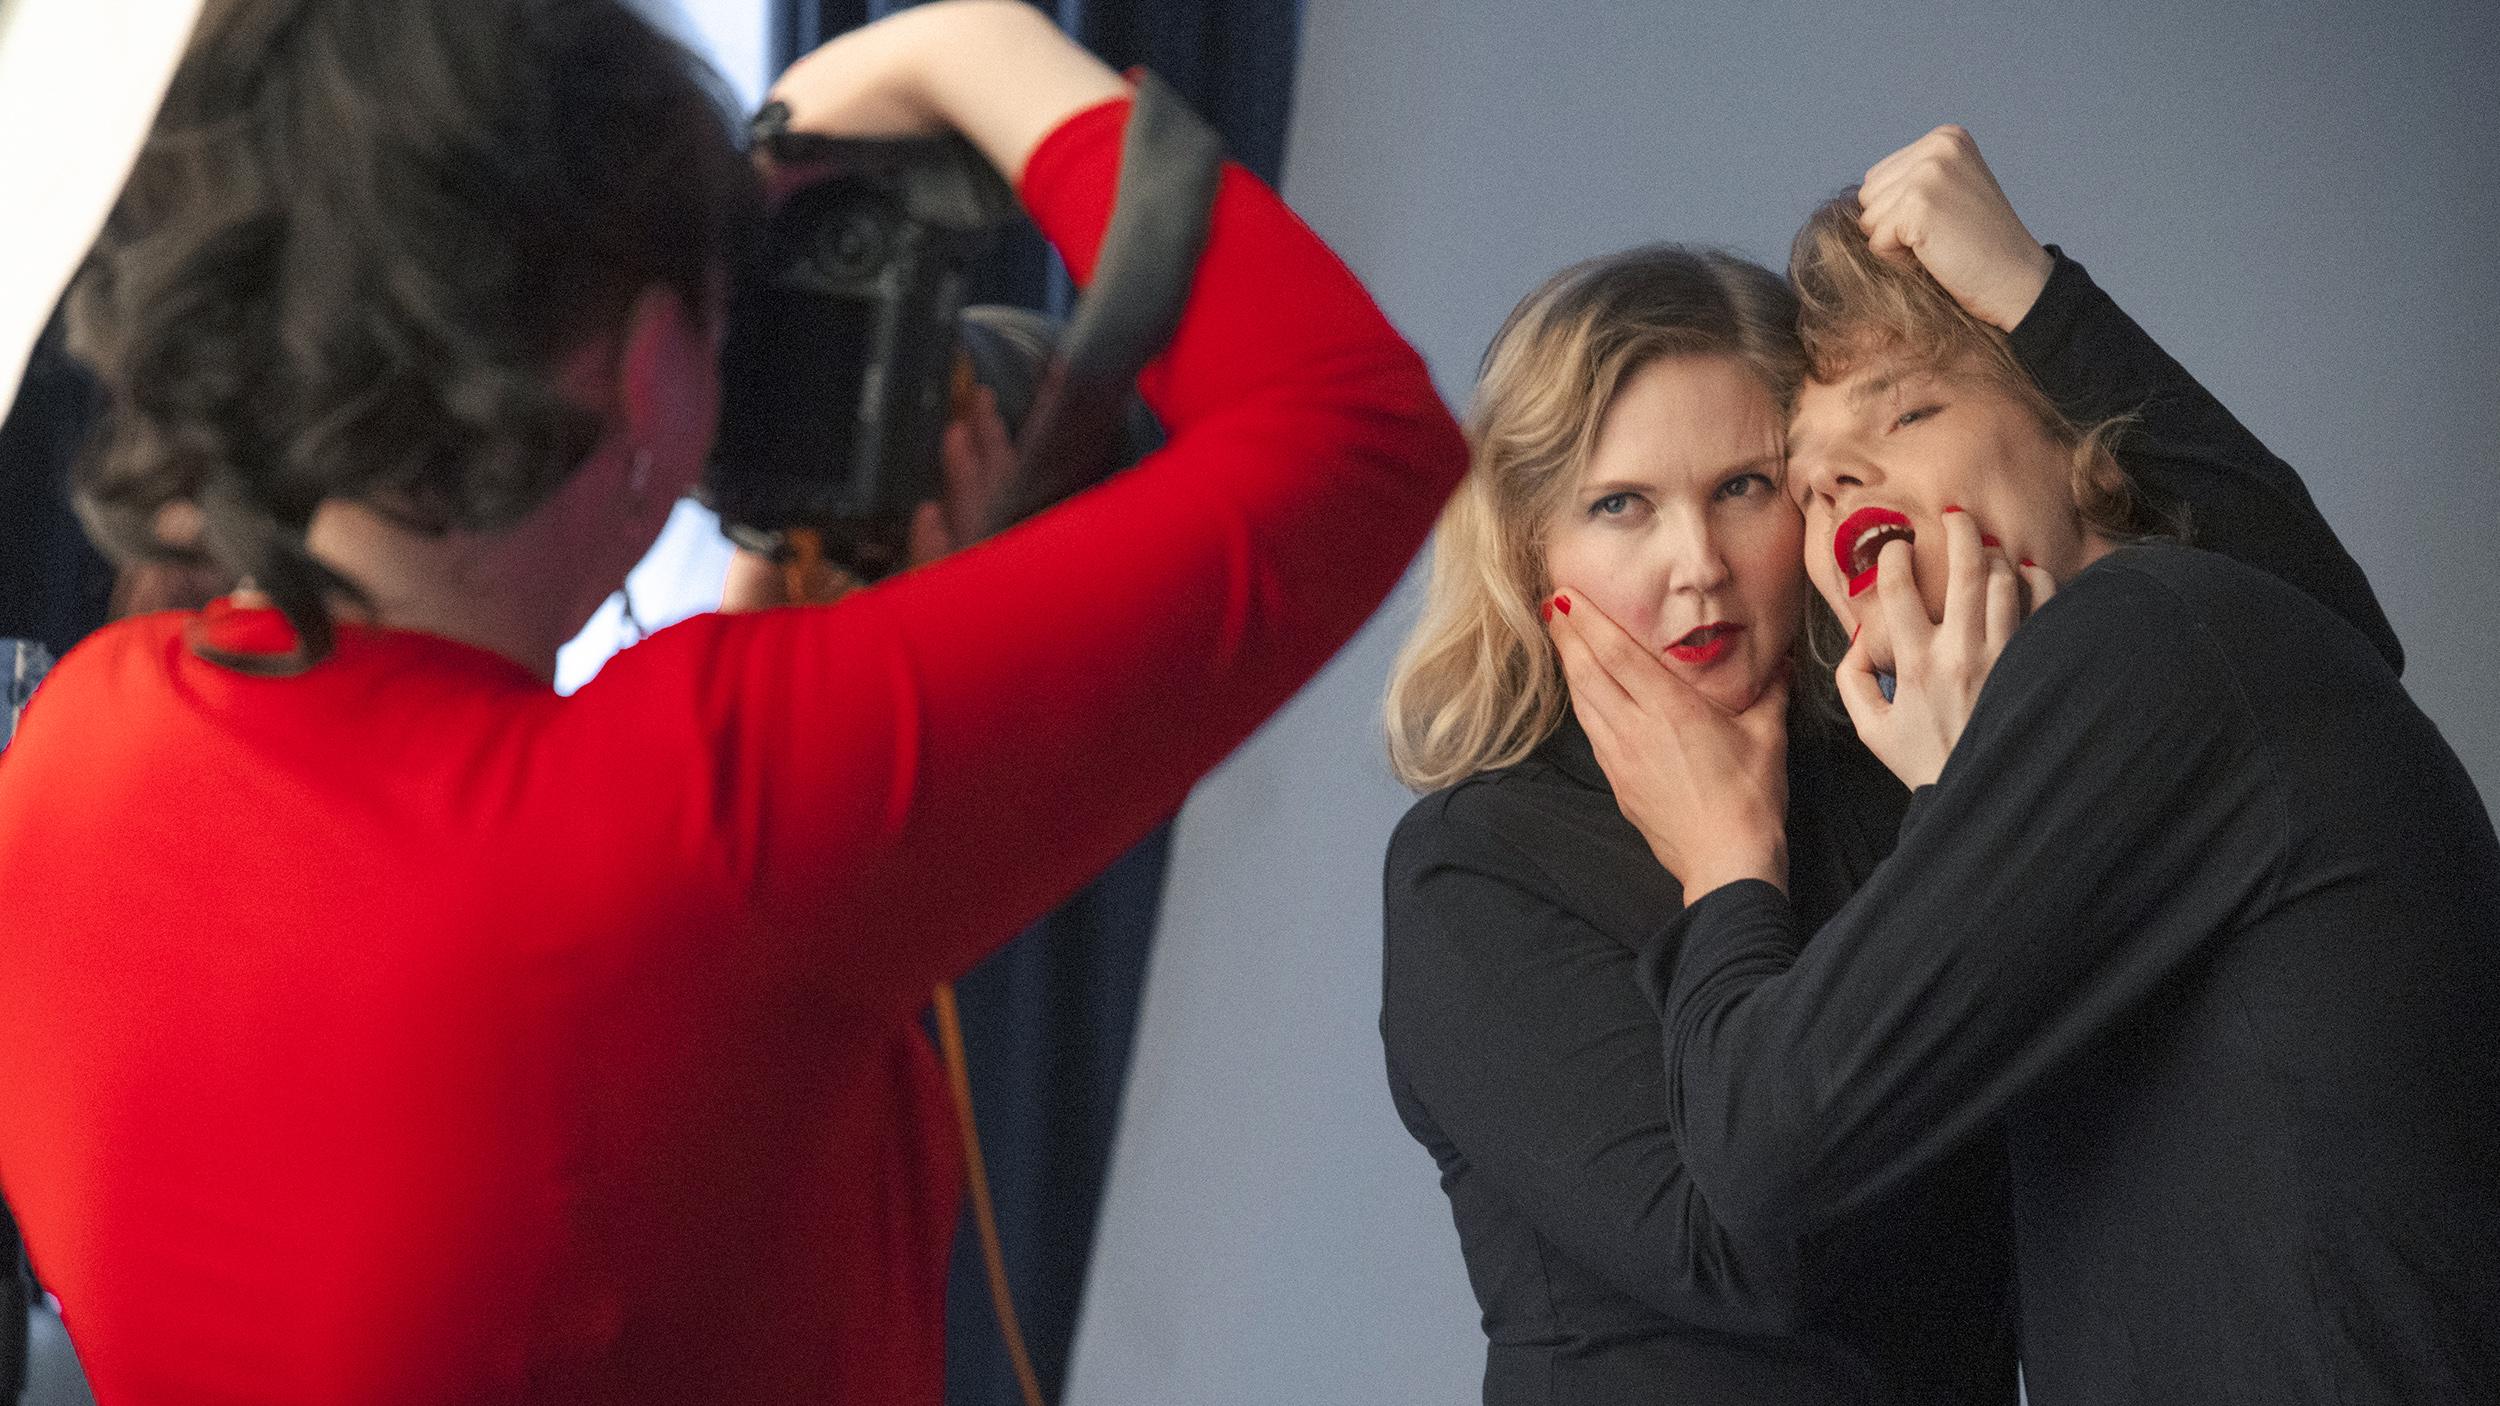 Punapaitainen henkilö valokuvaa mustiin pukeutunutta pariskuntaa, joilla on molemmilla punaista huulipunaa ja kynsilakkaa.